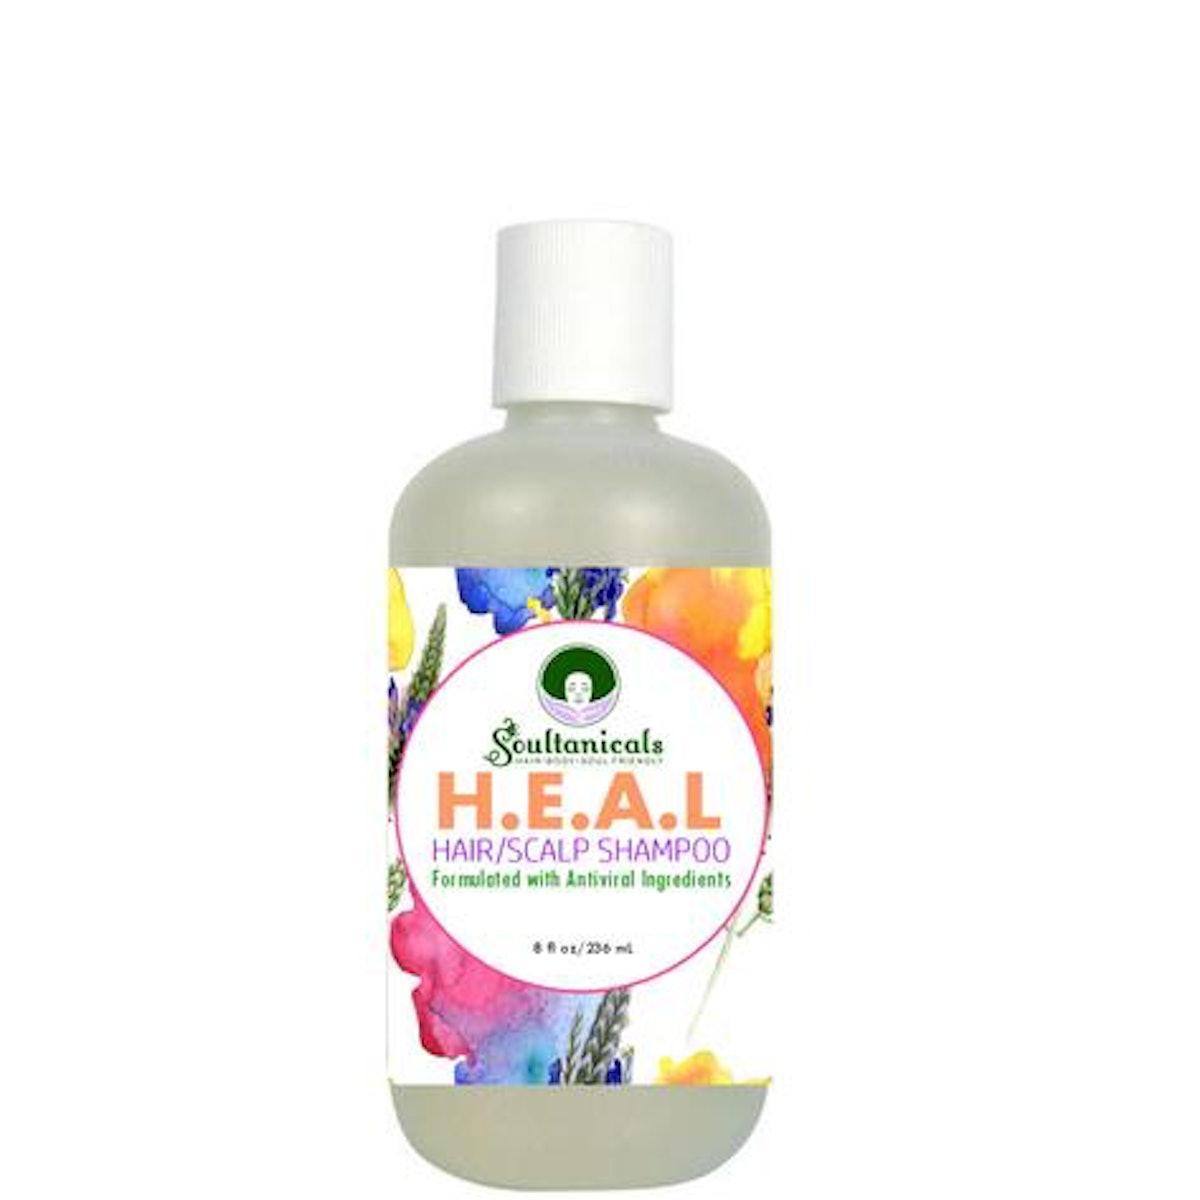 H.E.A.L Hair/Scalp Shampoo